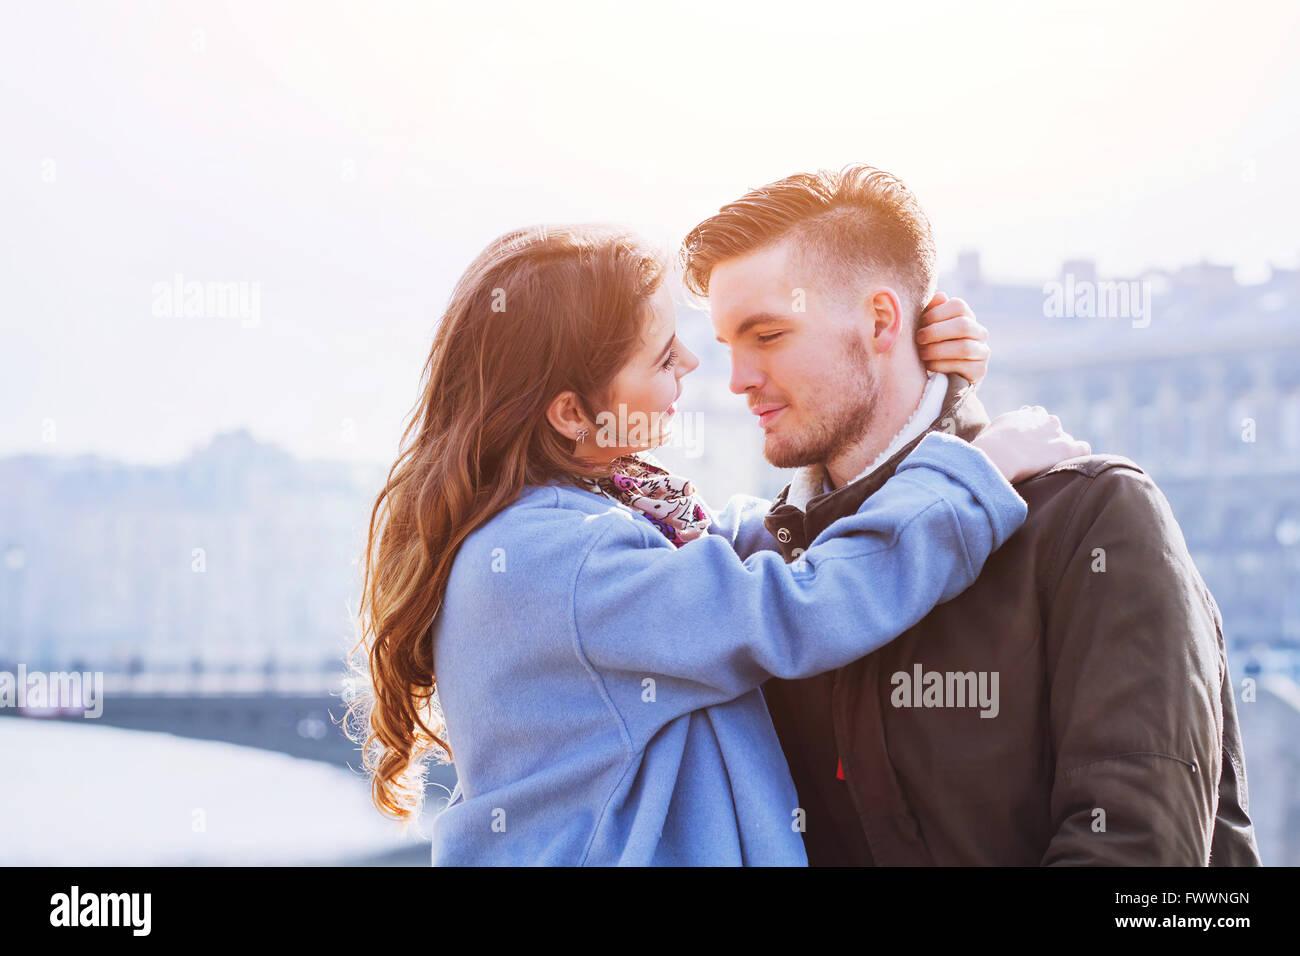 liebevolle paar, Porträt des jungen glücklich Mann und Frau, Liebe in der Stadt Stockbild